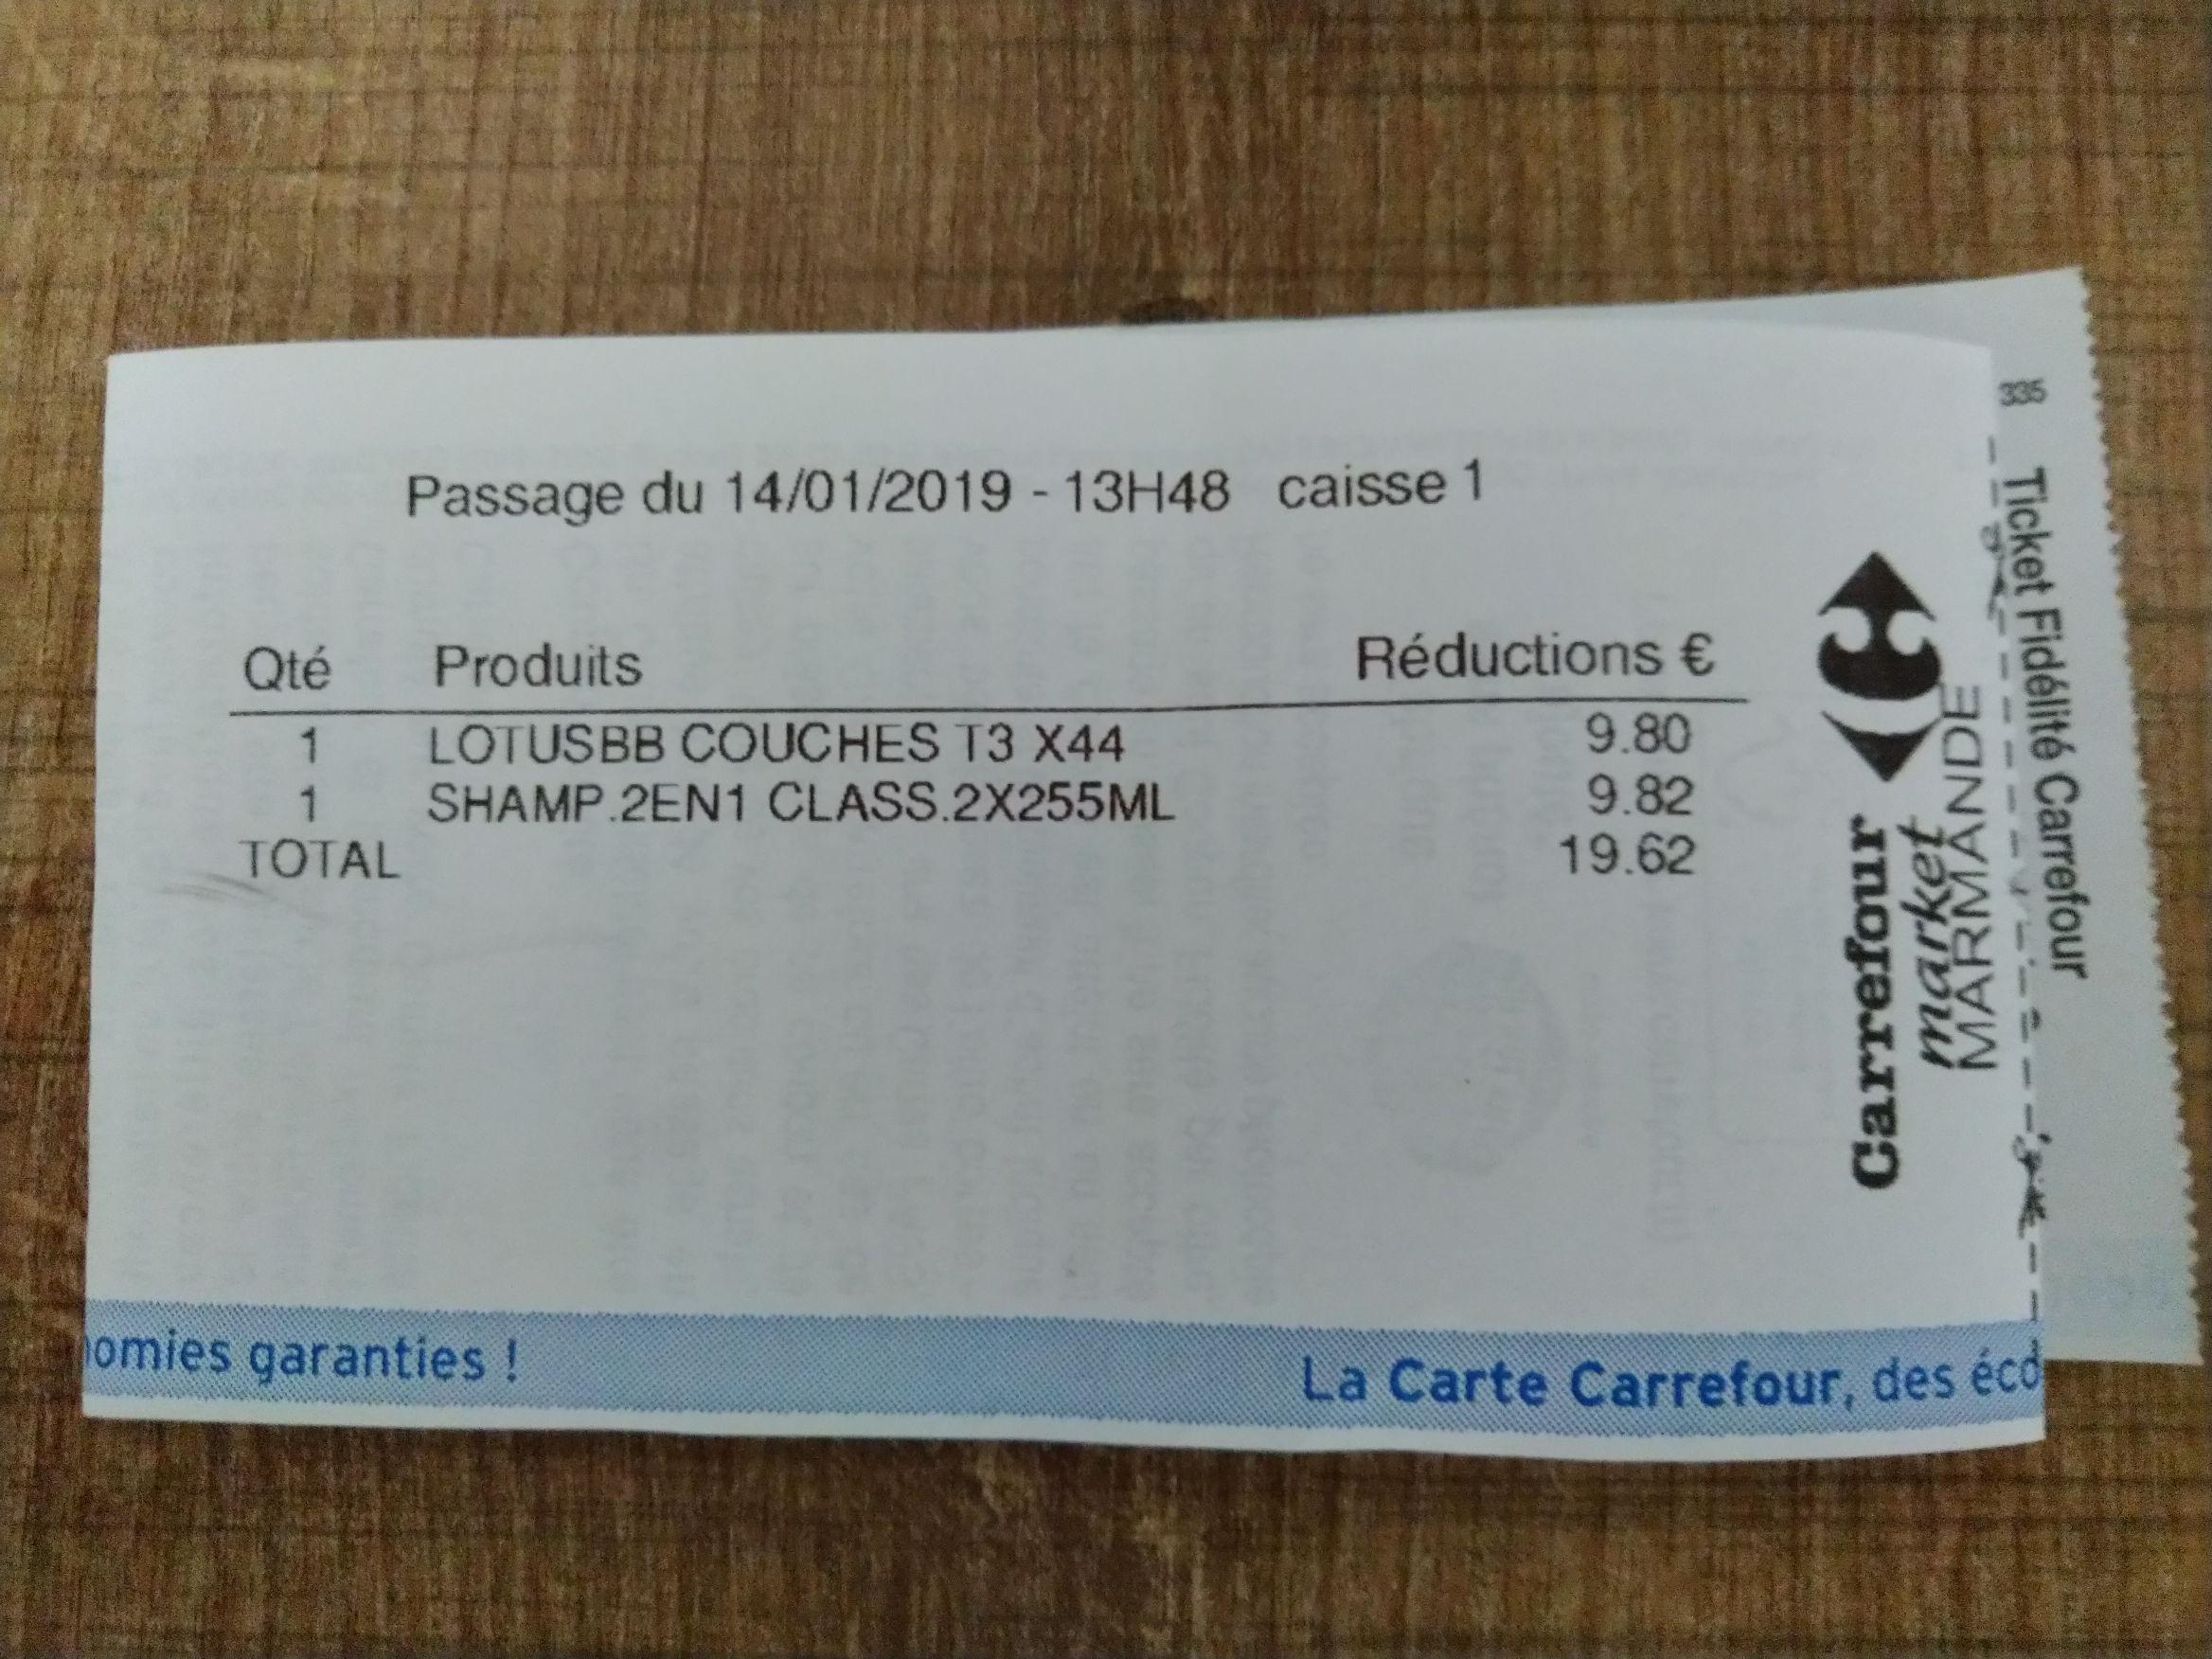 Carte Carrefour Ticket De Caisse.Paquet De Couches Lotus Baby Touch Via 9 80 Sur La Carte Fidelite